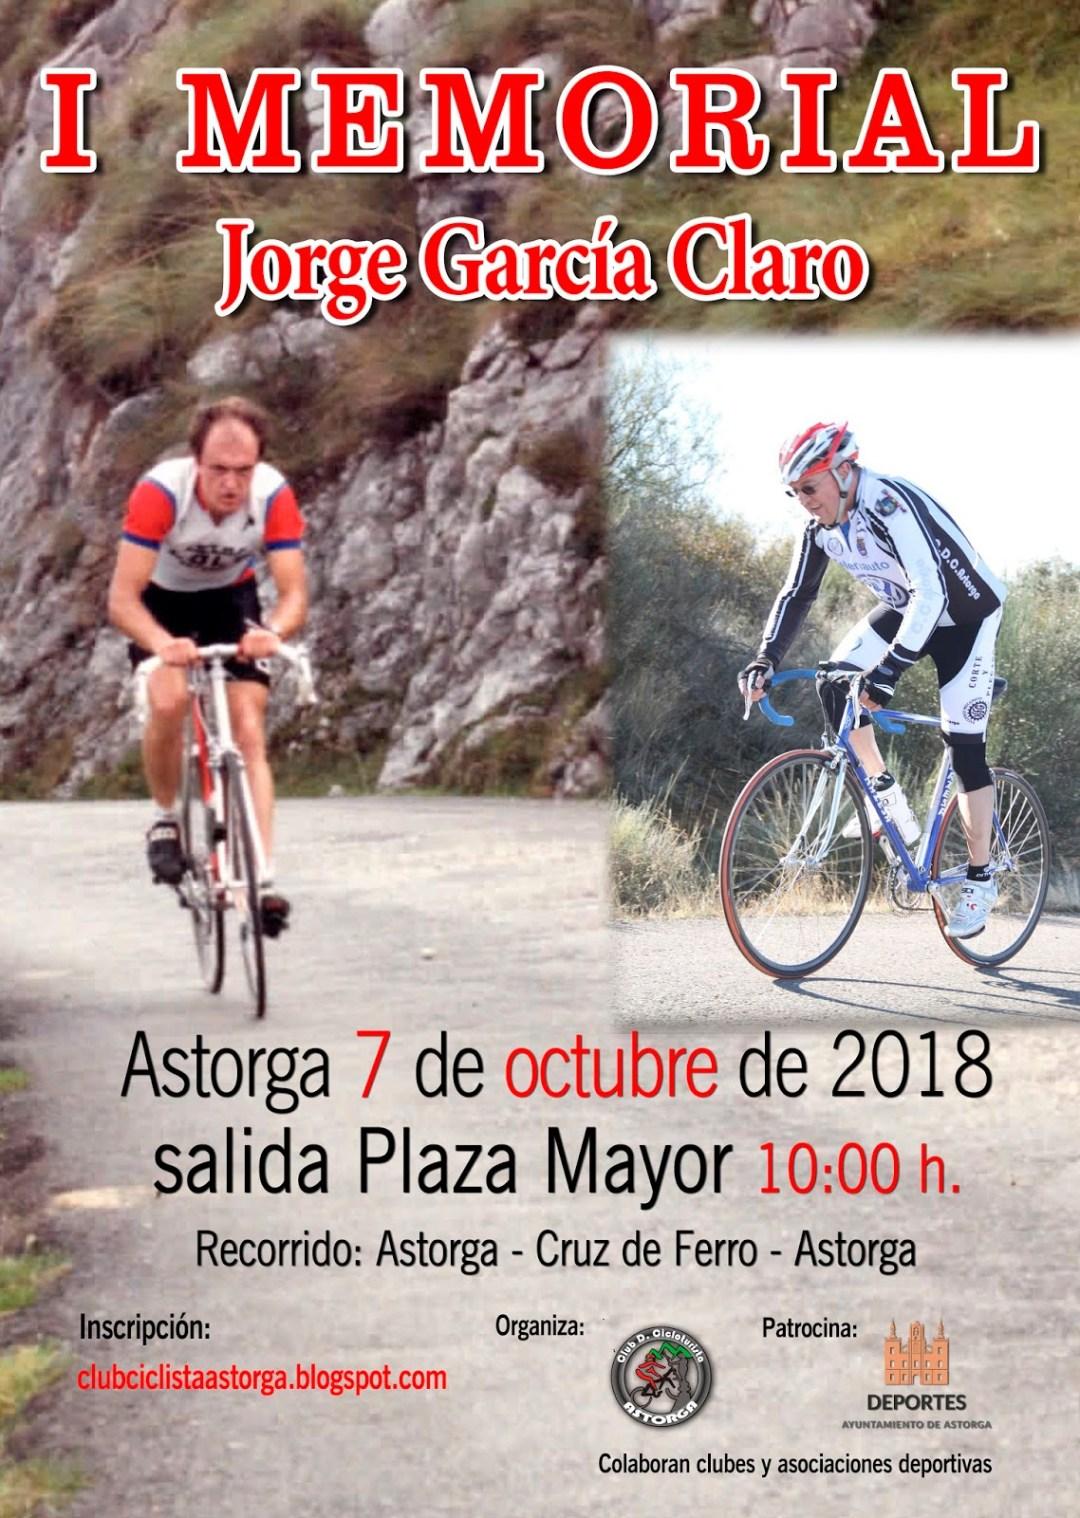 MEMORIAL JORGE GARCÍA CLARO